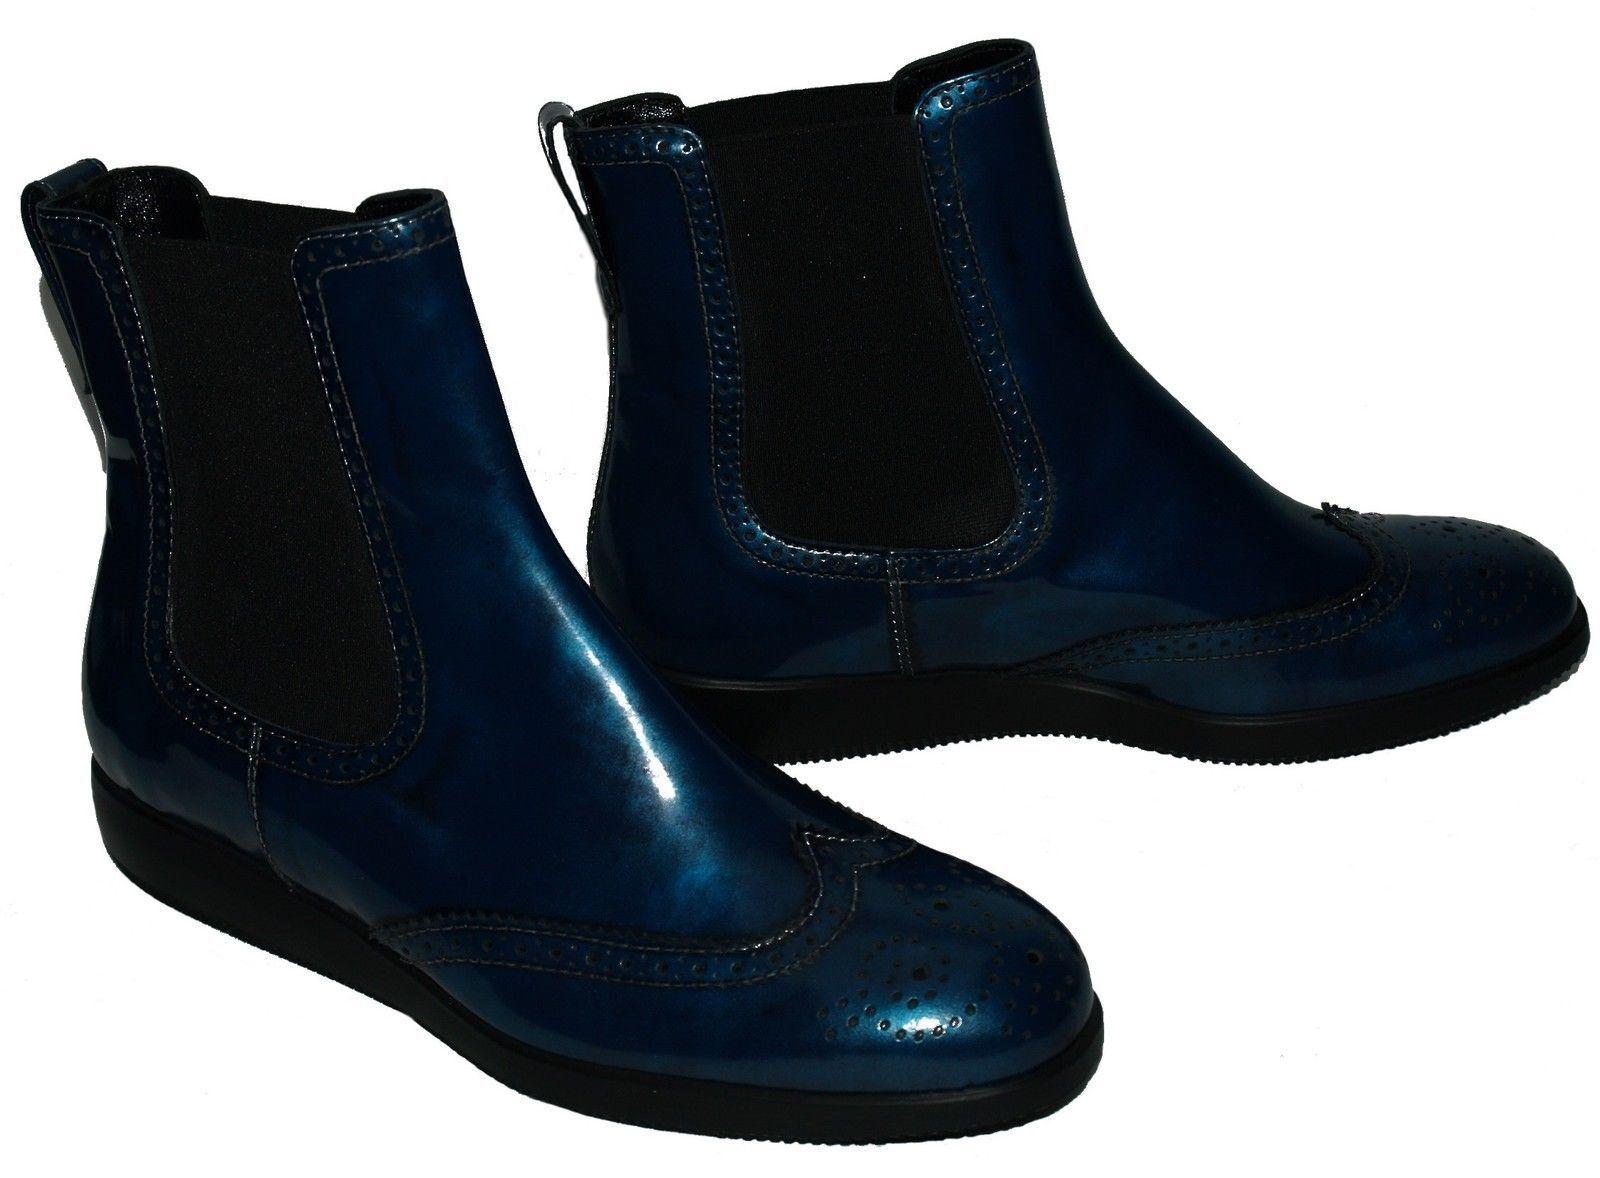 Hogan Stivaletti polacco blu Scarpe Scarpe blu donna f87857